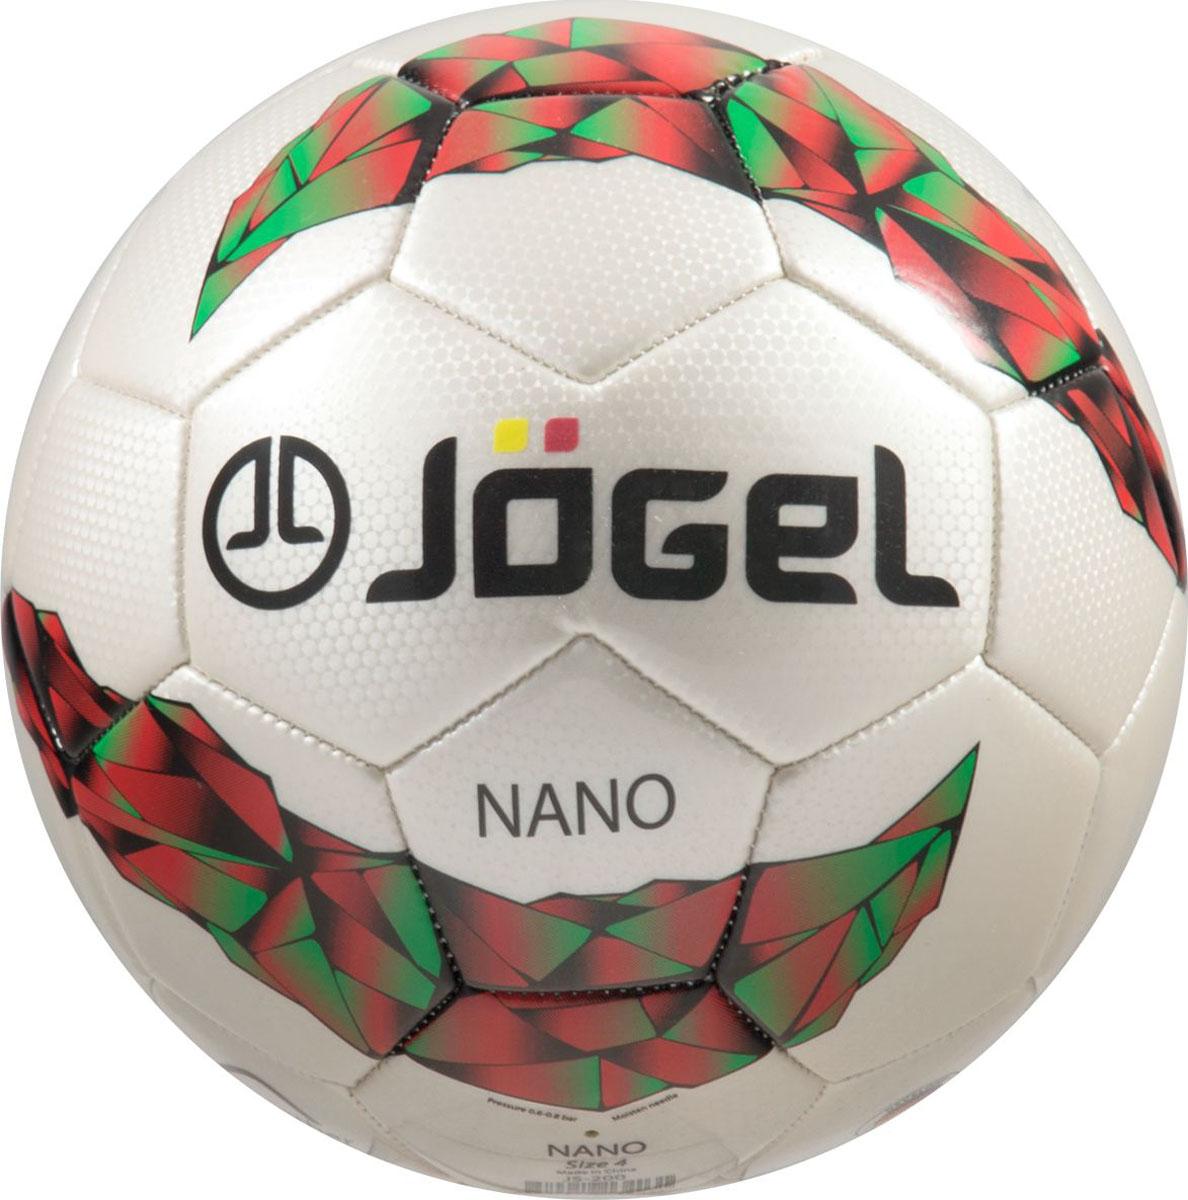 Мяч футбольный Jogel Nano, цвет: белый. Размер 4. JS-200УТ-00009333Jogel JS-200 Nano - любительский футбольный мяч, является лидером продаж в своей ценовой категории, благодаря недорогой стоимости и уникальной текстуре материала поверхности мяча, напоминающий наночастицы. Поверхность мяча выполнена из синтетической кожи (поливинилхлорид) толщиной 2,7 мм. Мяч имеет 2 подкладочных слоя и оснащен бутиловой камерой, обеспечивающим долгое сохранение воздуха в камере. Размер №4 предназначается для тренировок детей в возрасте от 8 до 12 лет. Данный мяч рекомендован для любительской игры и тренировок любительских команд.Уникальной особенностью, характерной для бренда Jogel, является традиционная конструкция мячей из 30 панелей. Мяч не рекомендован для игры при низких температурах (ниже +5° С).